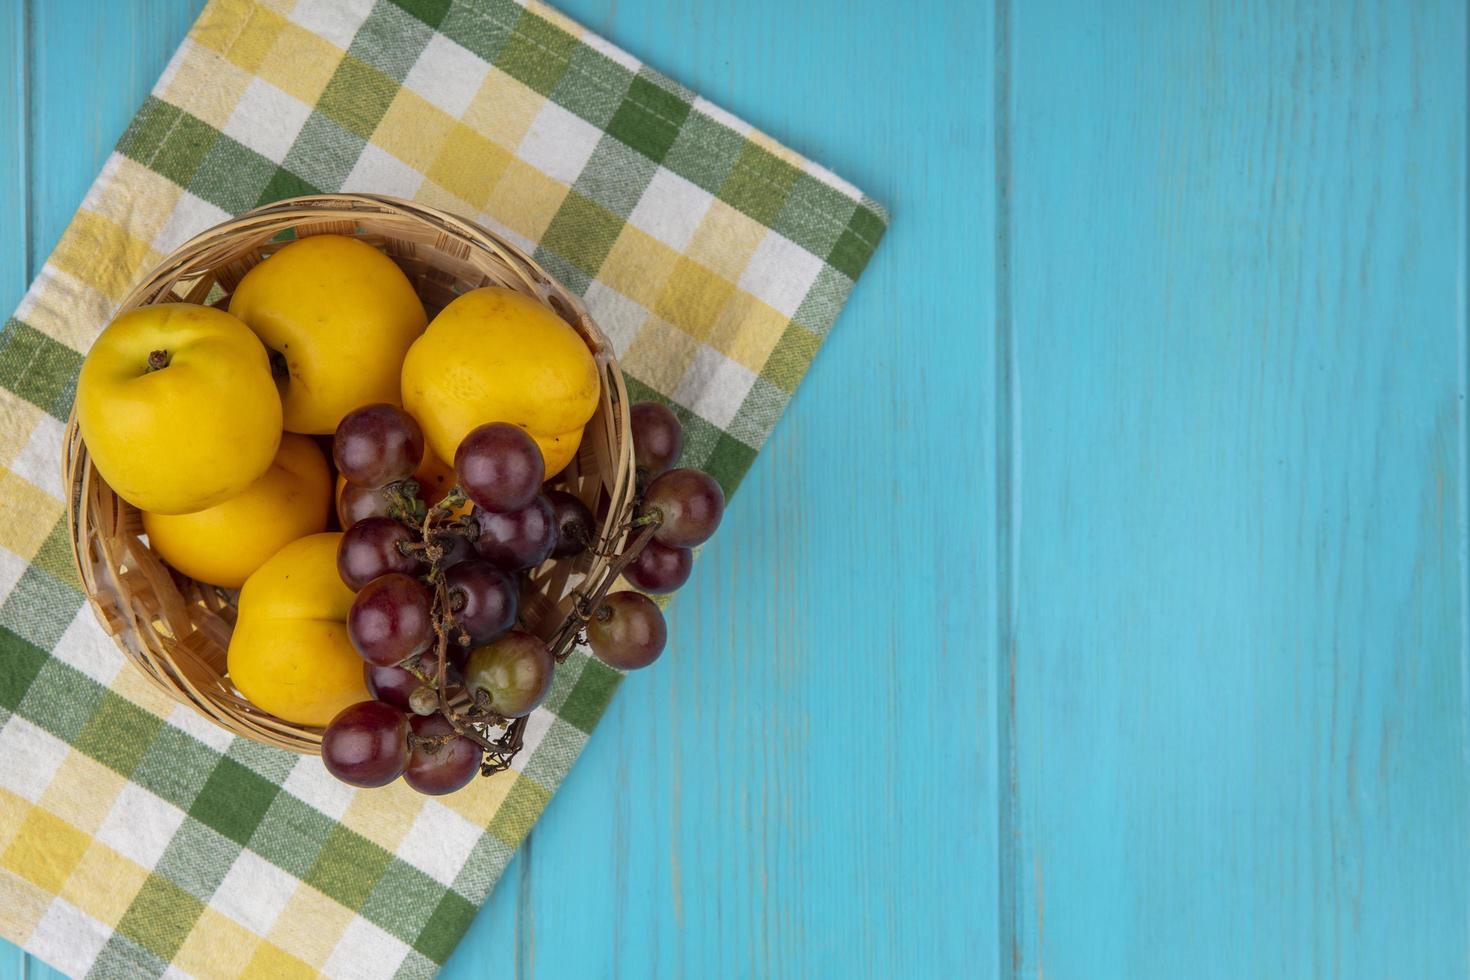 Fruits dans un panier sur tissu à carreaux sur fond bleu avec copie espace photo